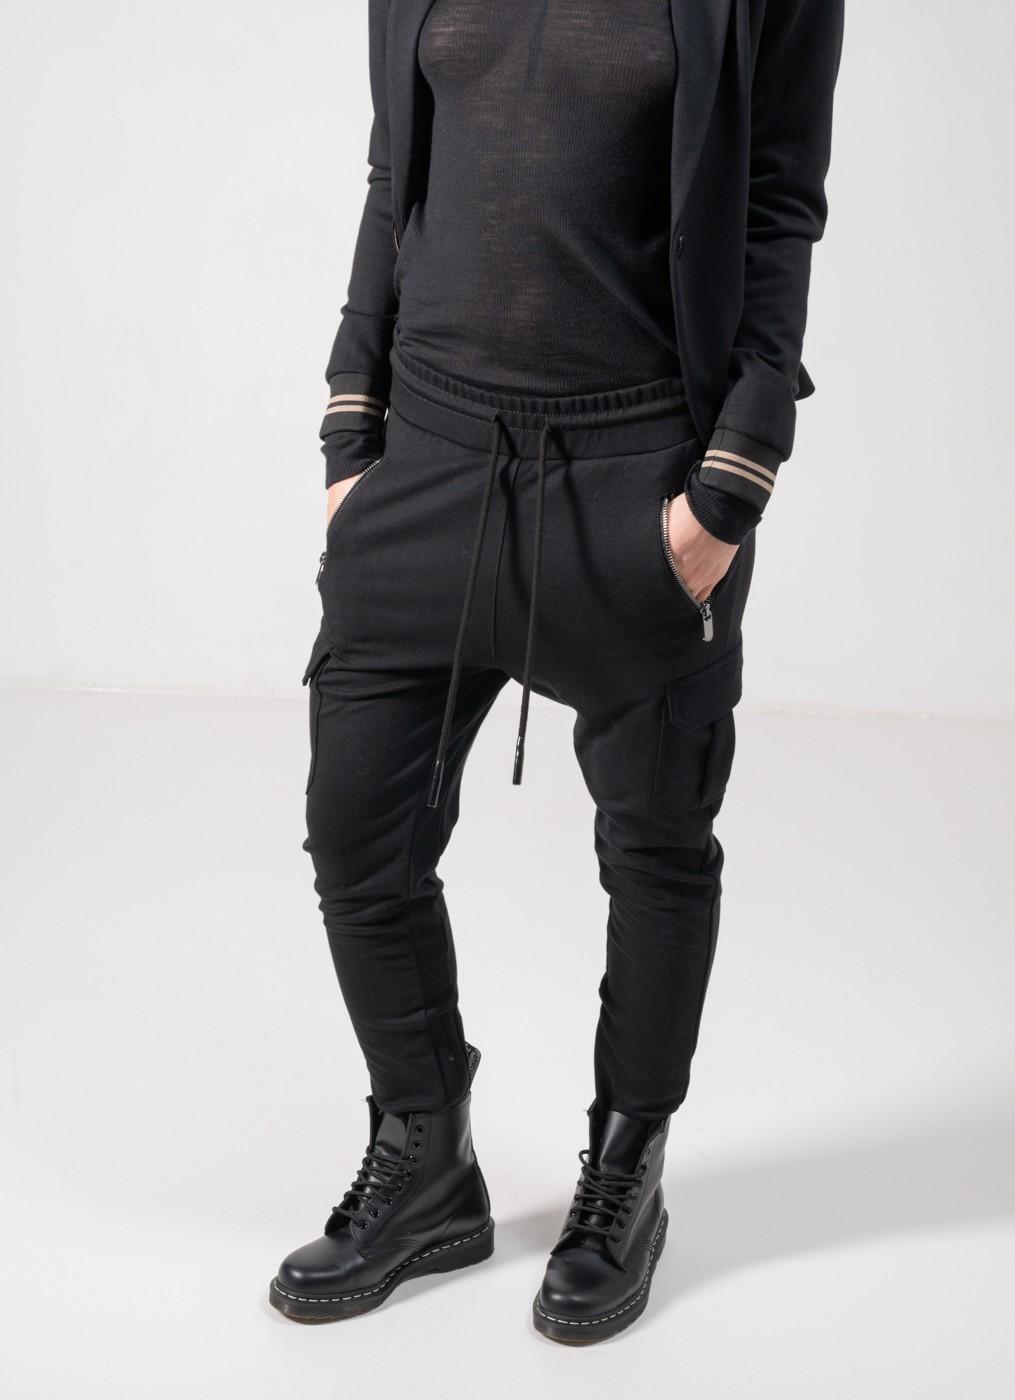 ER Nia soft - pants